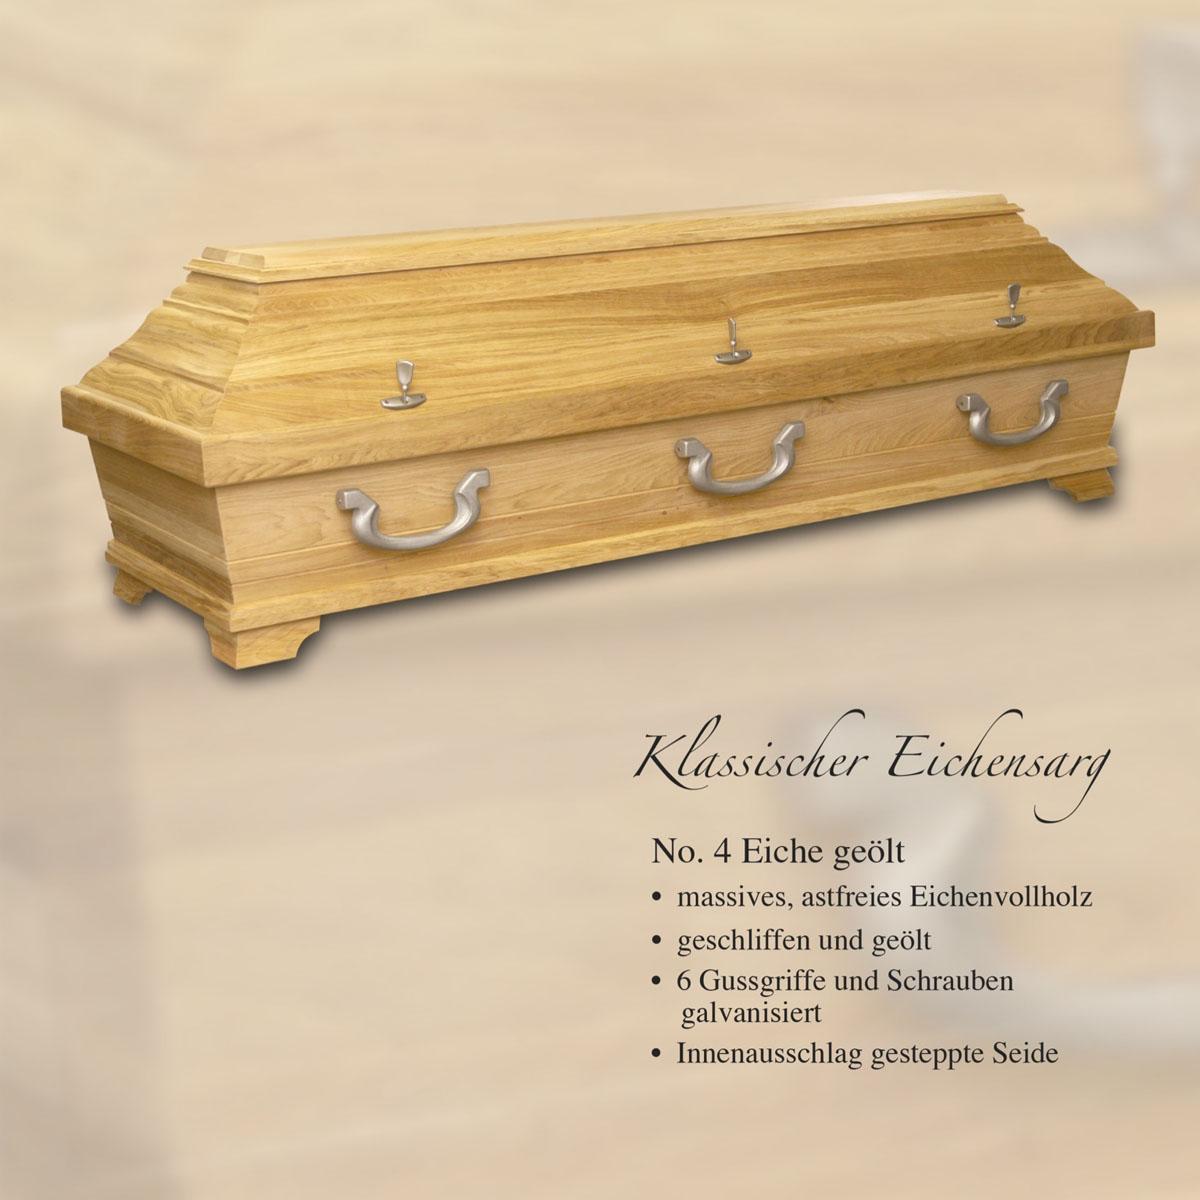 Greve-Bestattungen-Sargauswahl10